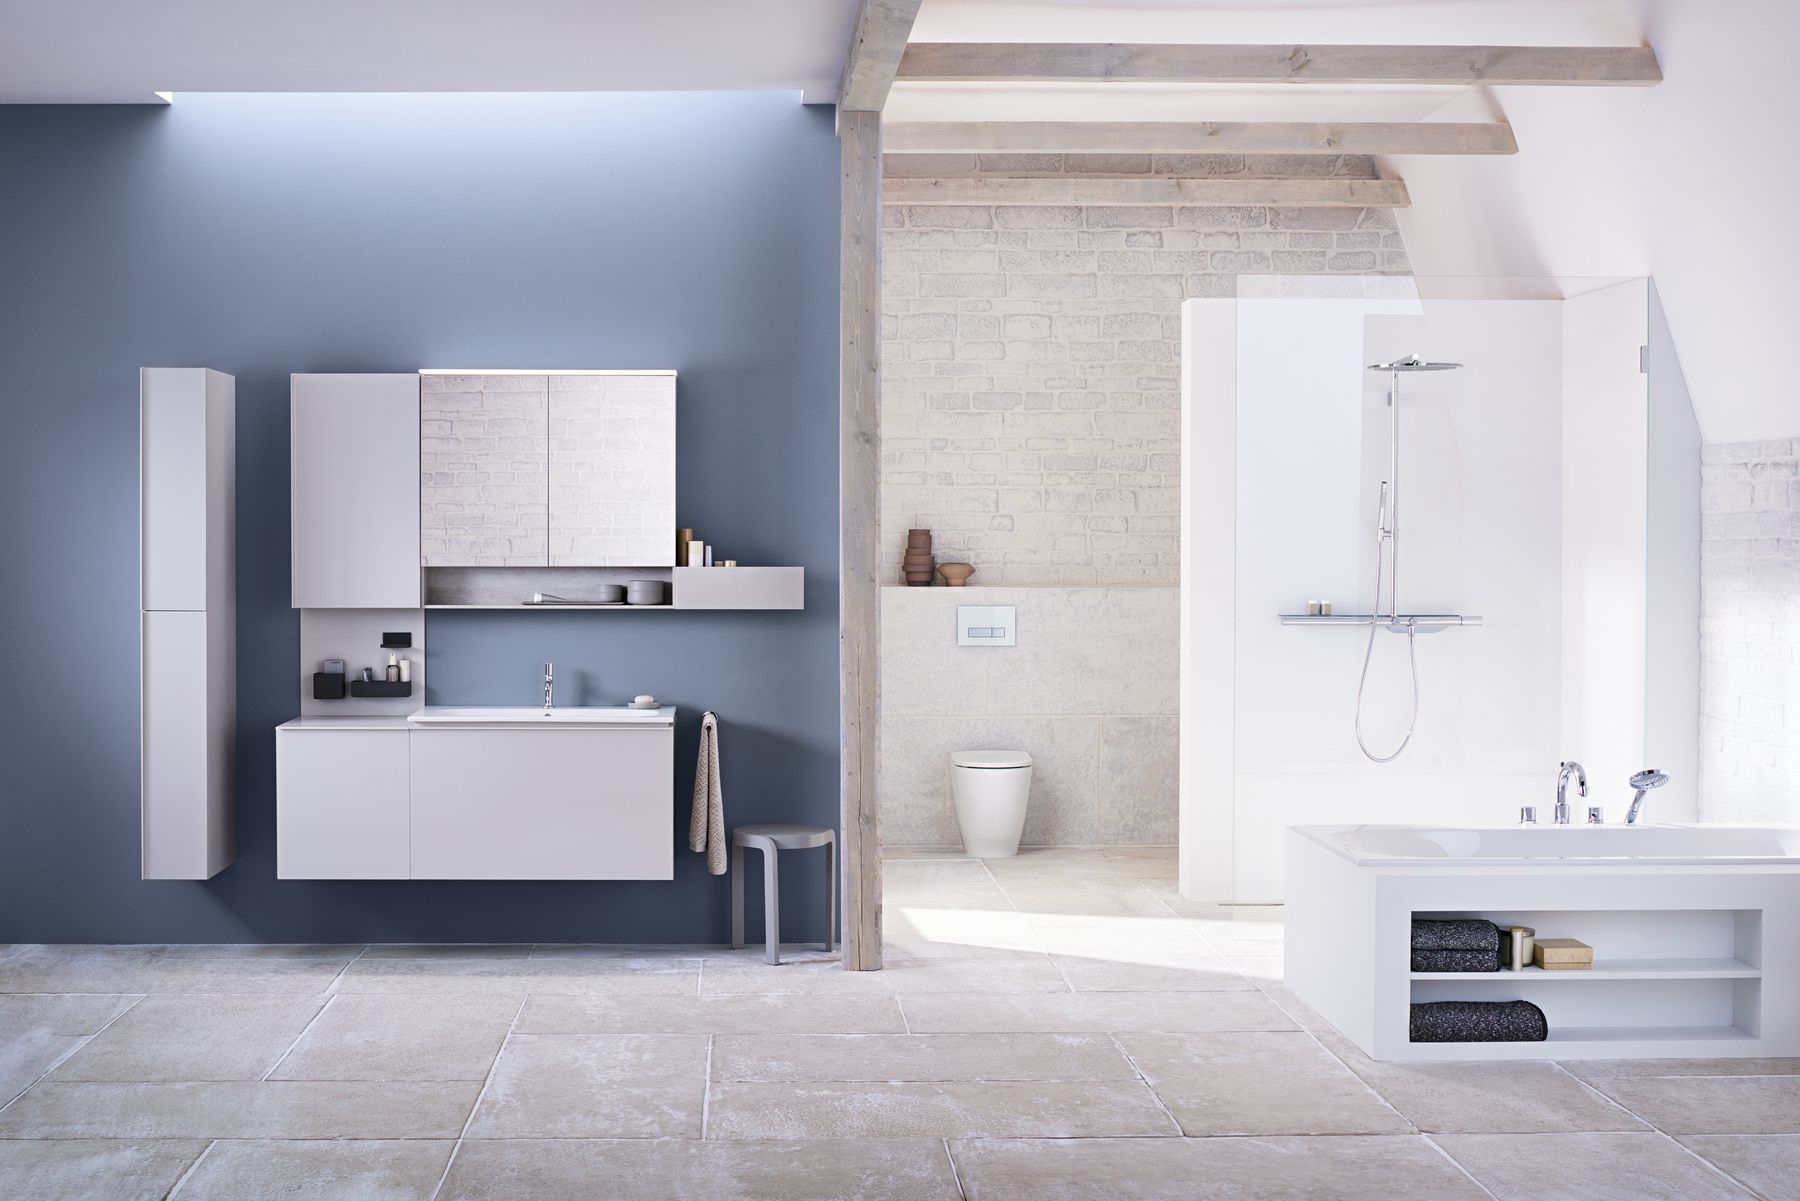 Sphinx badkamer. Badkamer inrichting met luxe, comfort en voldoende opbergruimte met Acanto badkamermeubel. #sphinx #badkamer #acanto #badkamermeubel